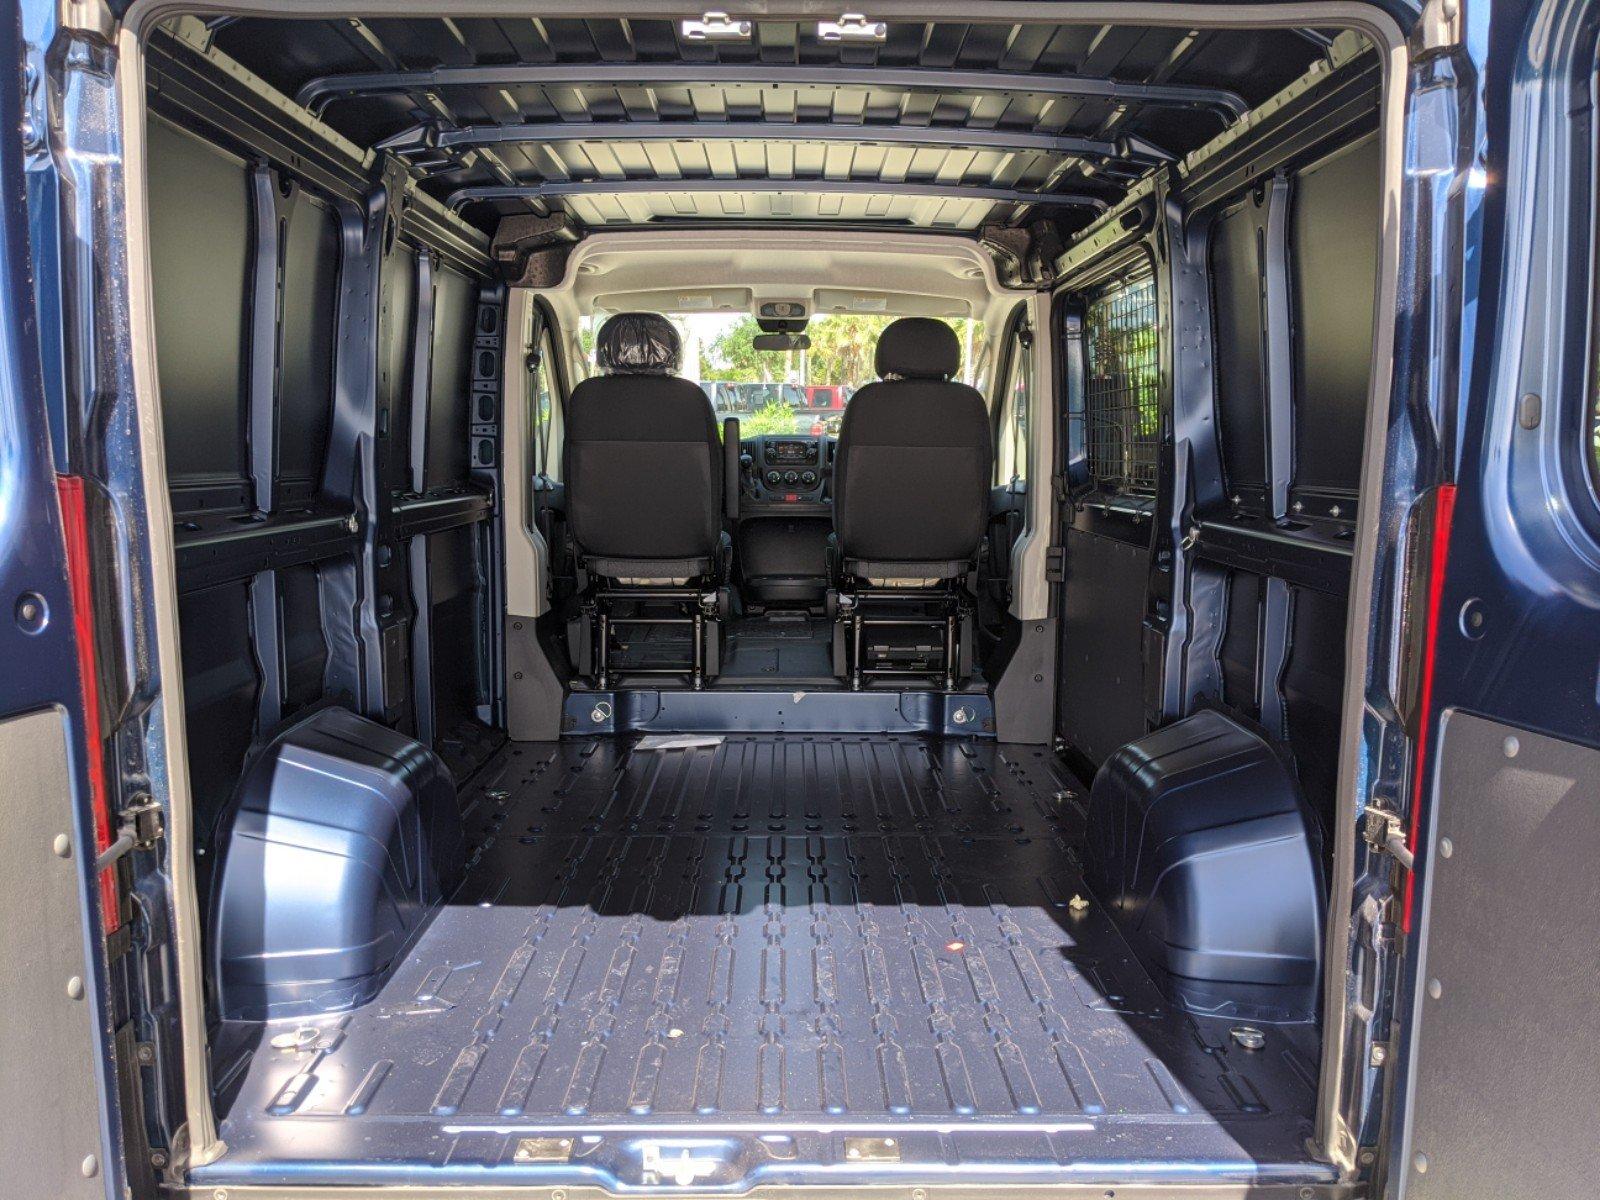 2020 ProMaster 1500 Standard Roof FWD, Empty Cargo Van #R20206 - photo 1